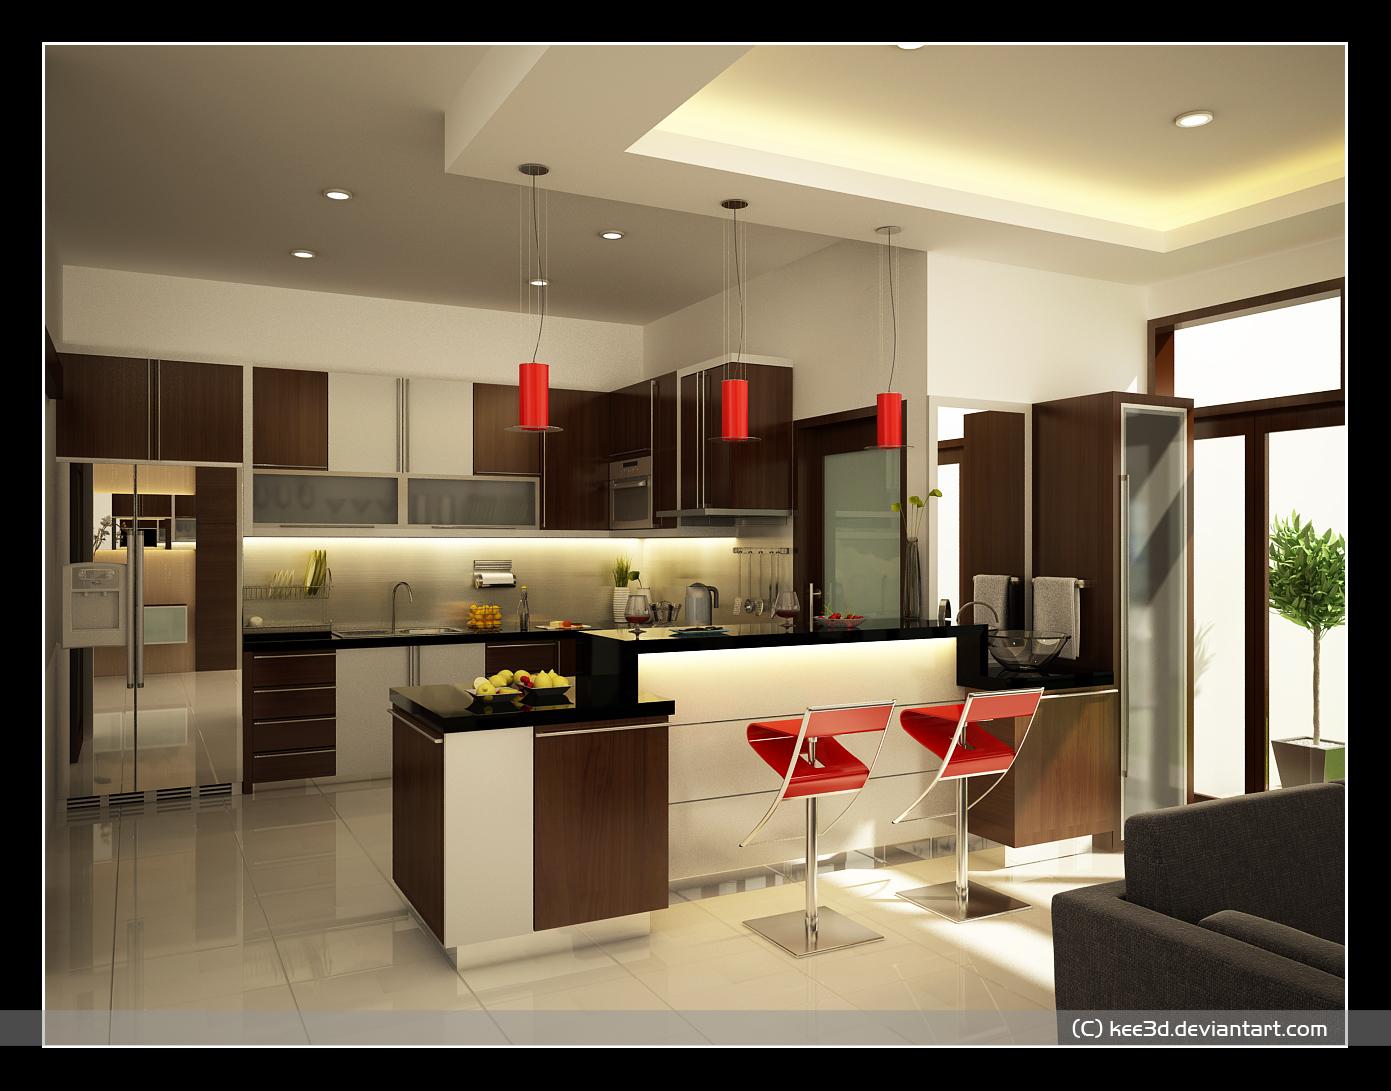 kitchen design ideas set design style kitchen designs tagged kitchen interior design